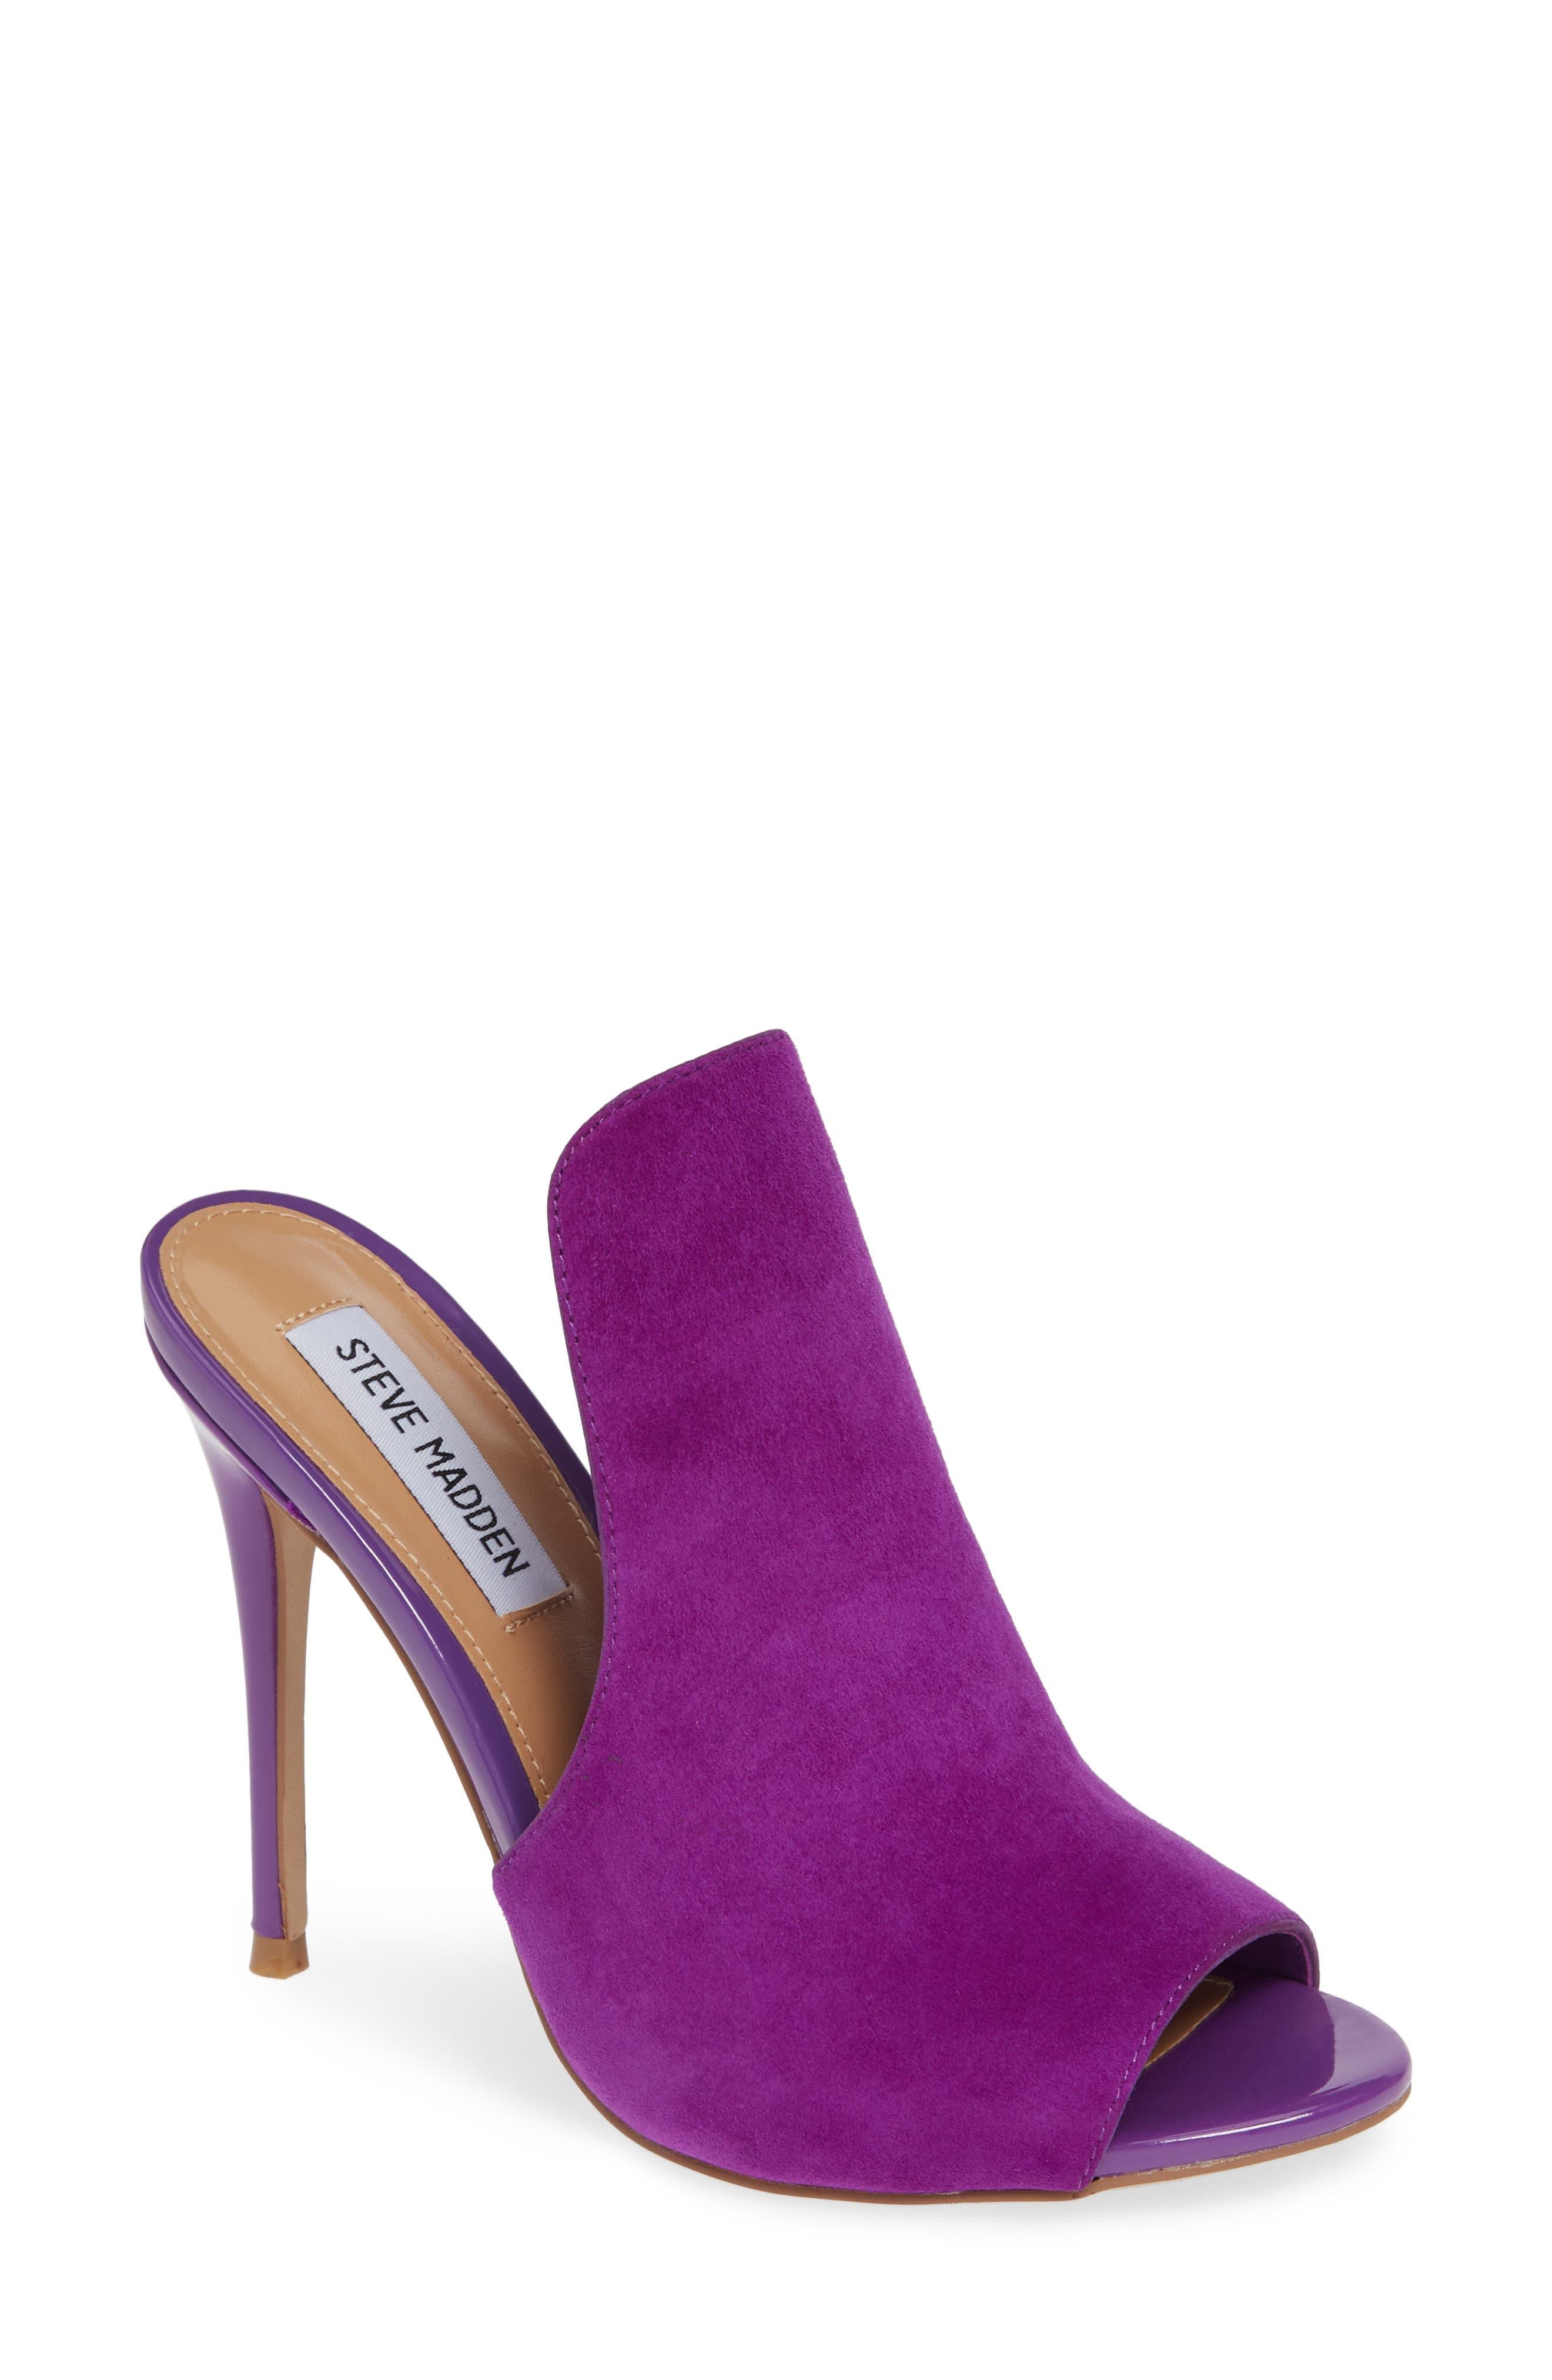 Sinful Sandal,                             Main thumbnail 1, color,                             Purple Suede